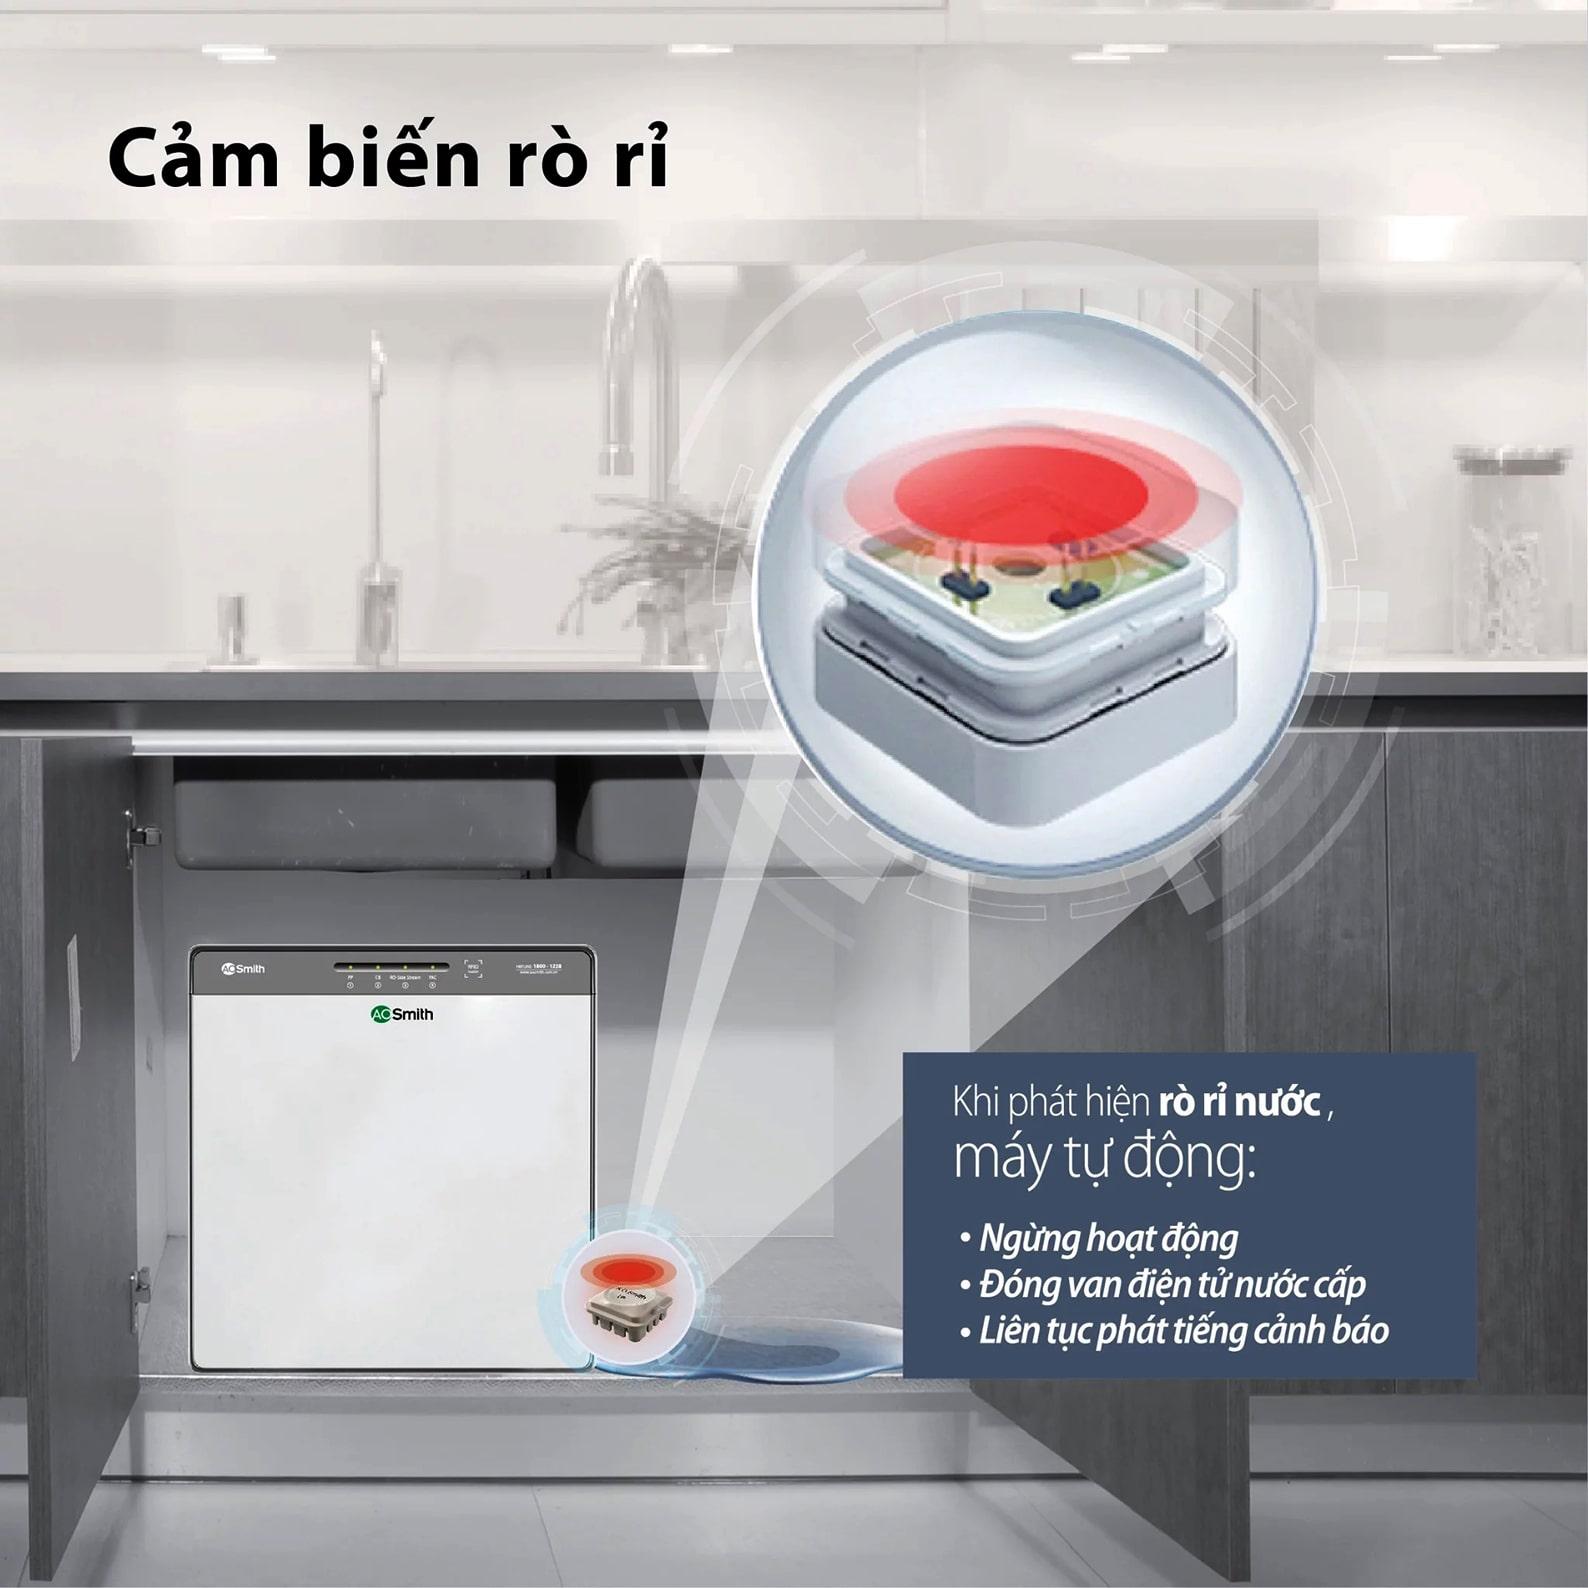 Máy lọc Aosmith K400 có thể tự động phát cảnh báo rò rỉ nước